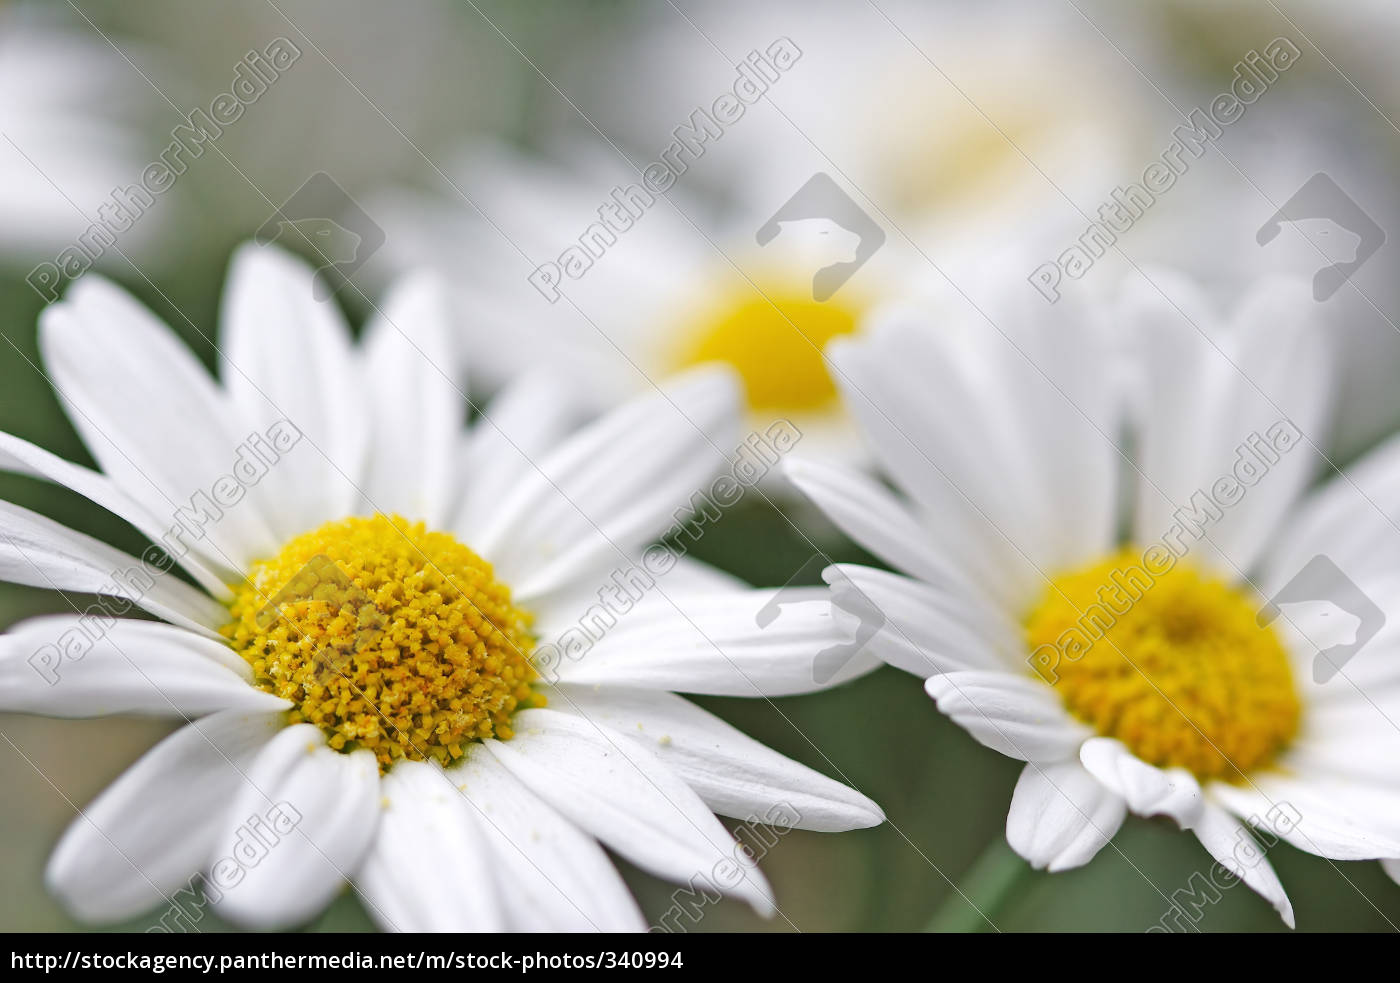 white, daisies - 340994